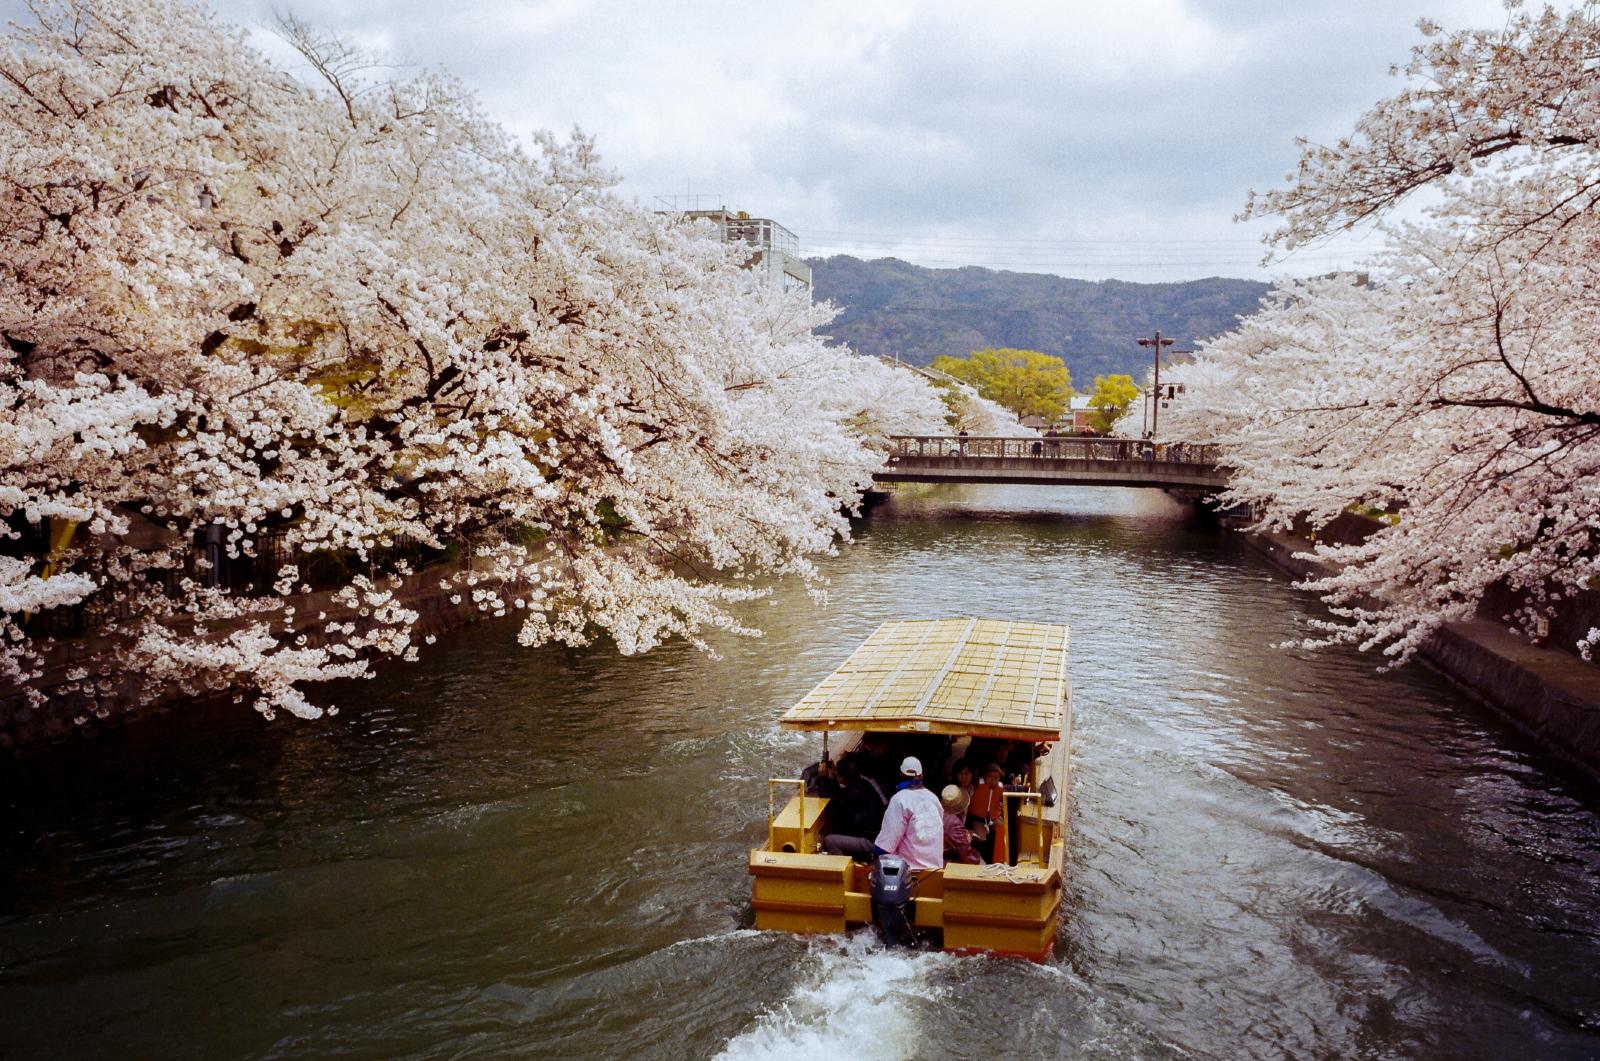 「白川和琵琶湖疏水通」京都 | 櫻花祭 | 攝影集